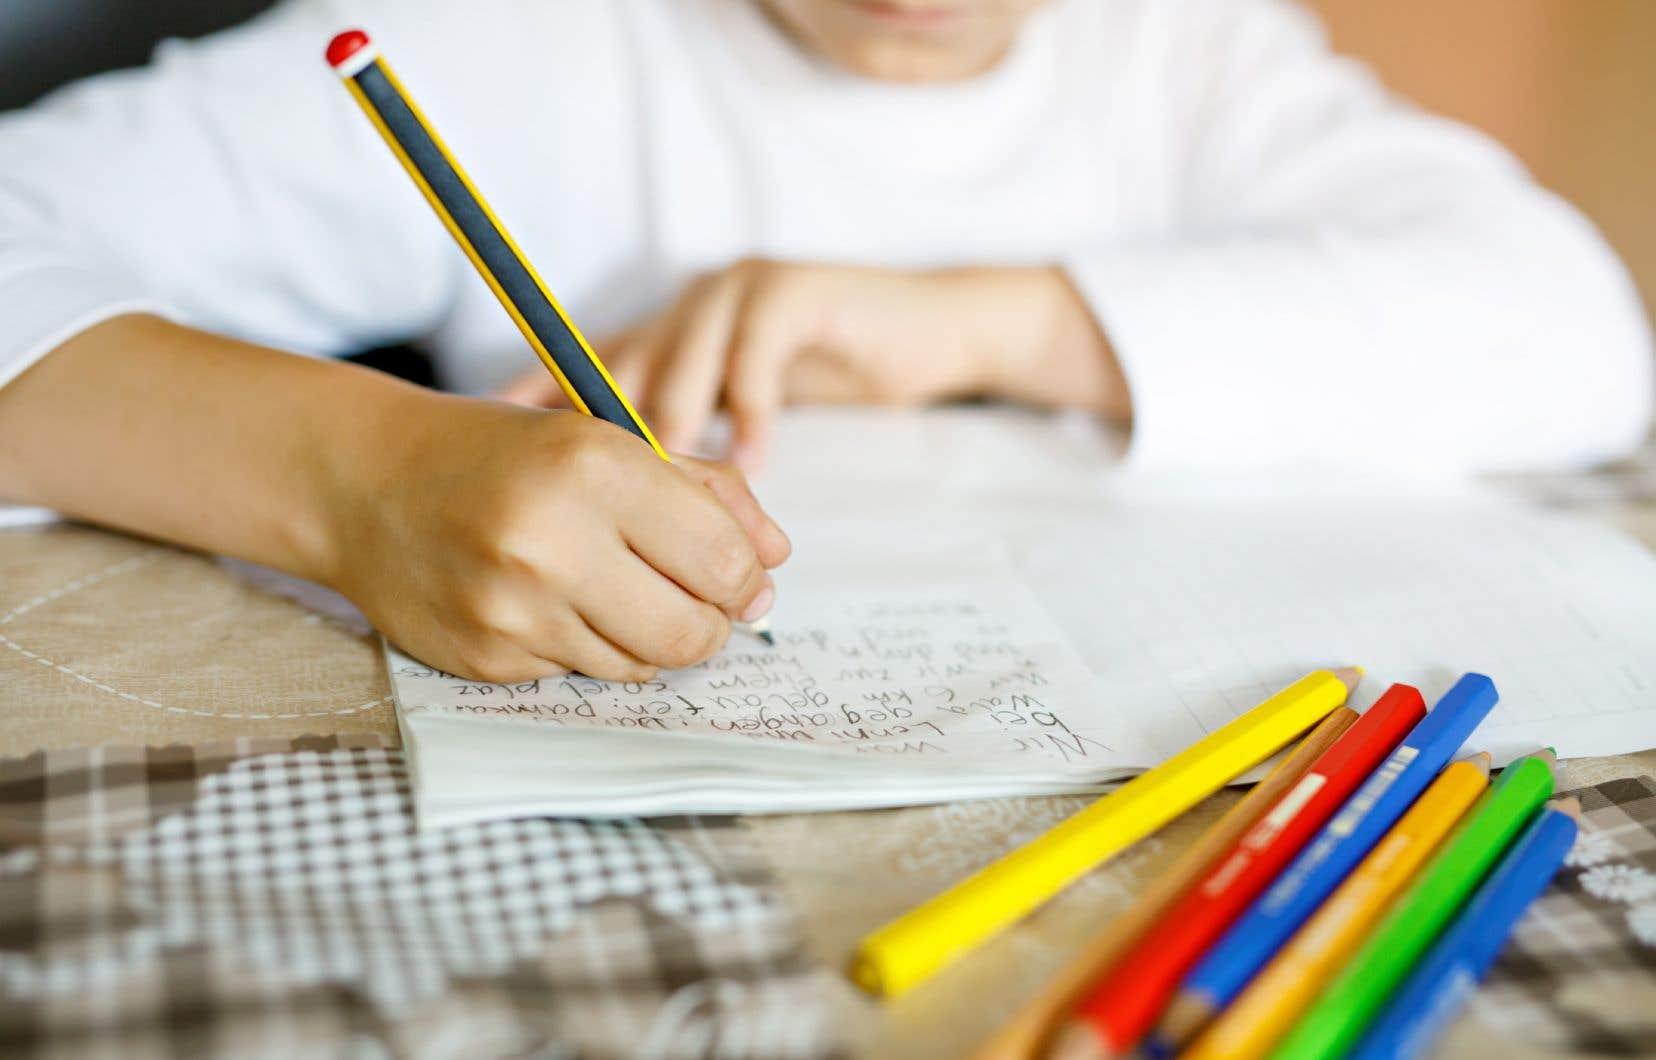 «La fermeture des écoles sur une trop longue période aurait pu engendrer un déficit d'apprentissage, et surtout un déficit de persévérance à l'école», soulignent les autrices.